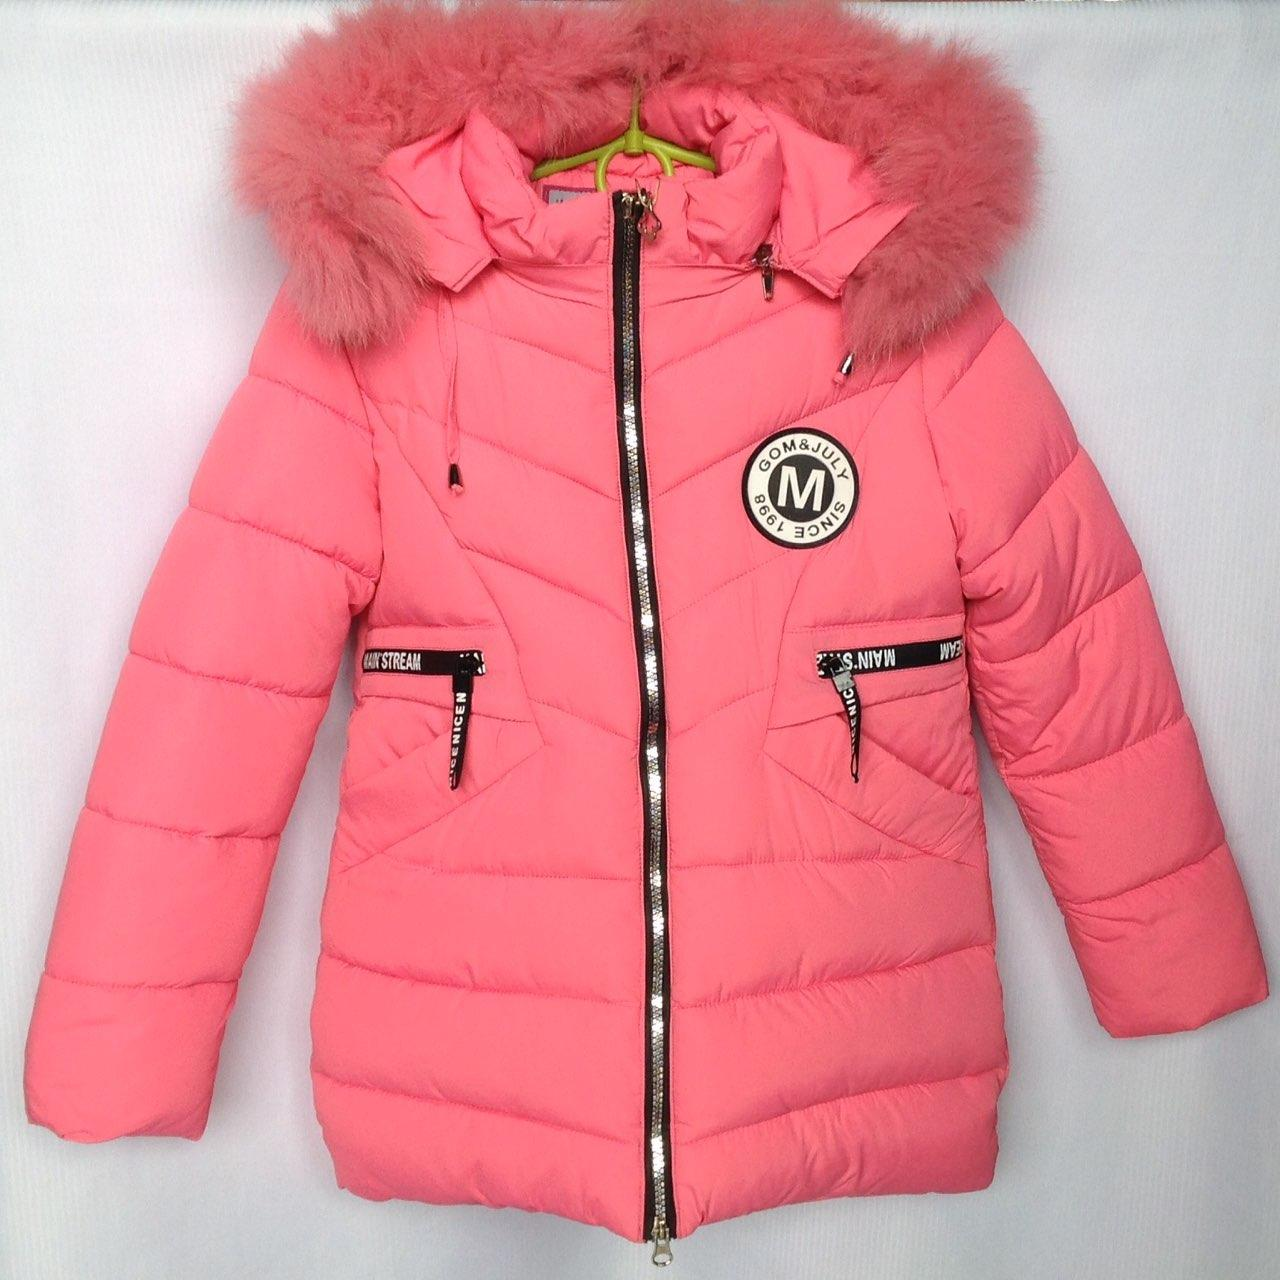 495e1fc8123 Куртка подростковая зимняя CA  А-3 для девочек. 140-164 см (10-14 ...